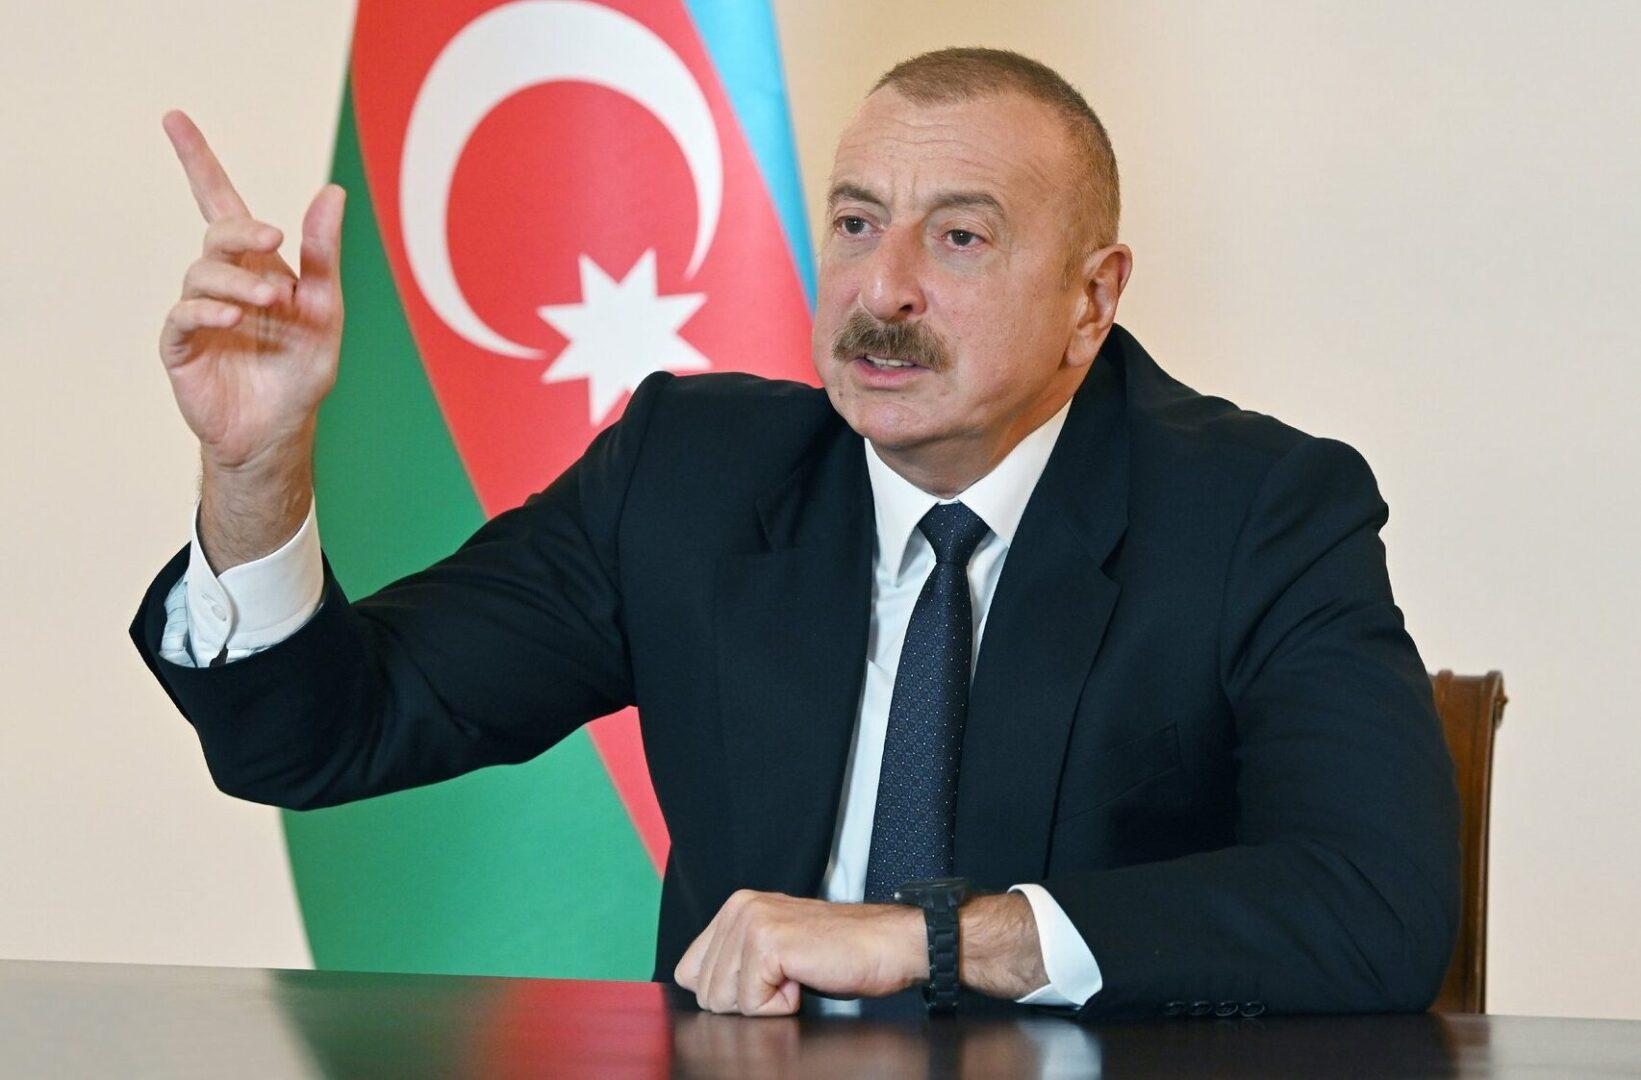 """""""ΔΩΣΤΕ ΤΗ ΜΑΣΣΑΛΙΑ ΣΤΟΥΣ ΑΡΜΕΝΙΟΥΣ"""" – Απάντηση Αζερμπαϊτζάν στη Γαλλία"""